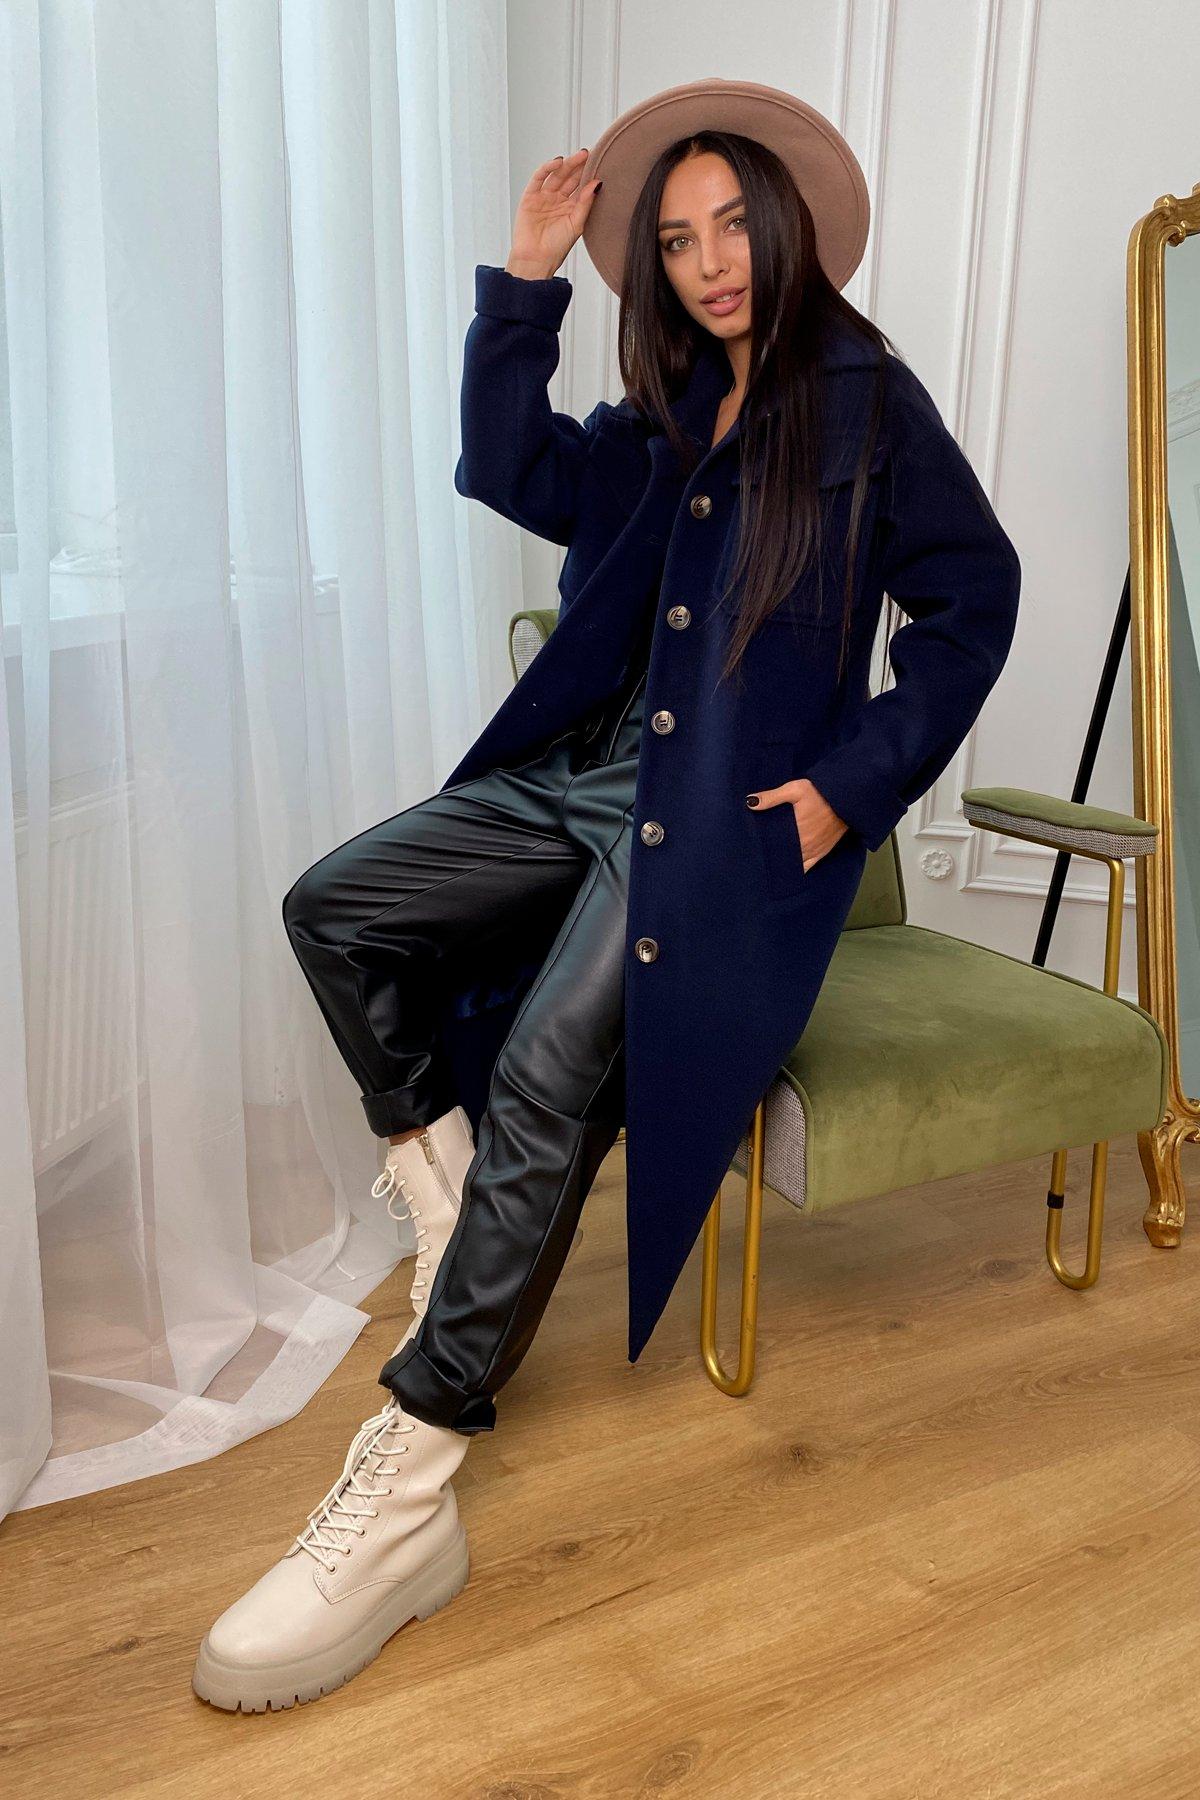 Ола кашемир китай пальтовая ткань зима пальто 9987 АРТ. 46285 Цвет: т. синий - фото 2, интернет магазин tm-modus.ru